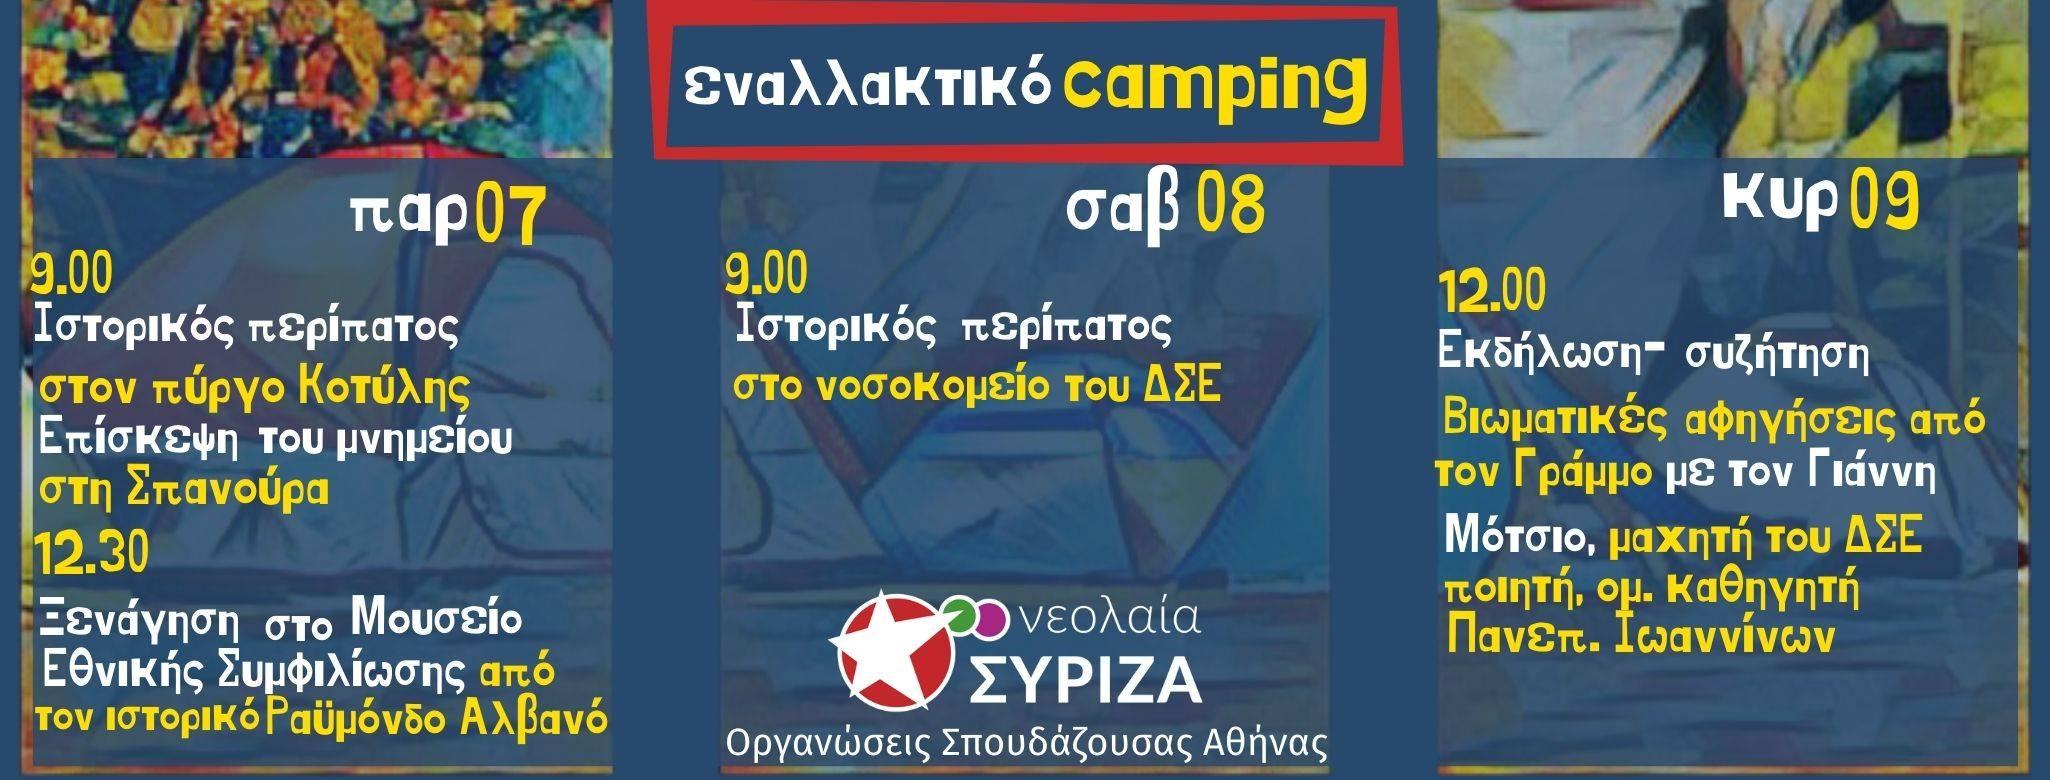 Γιατί ενοχλεί τόσο το Camping της Νεολαίας ΣΥΡΙΖΑ στον Γράμμο; (βίντεο)